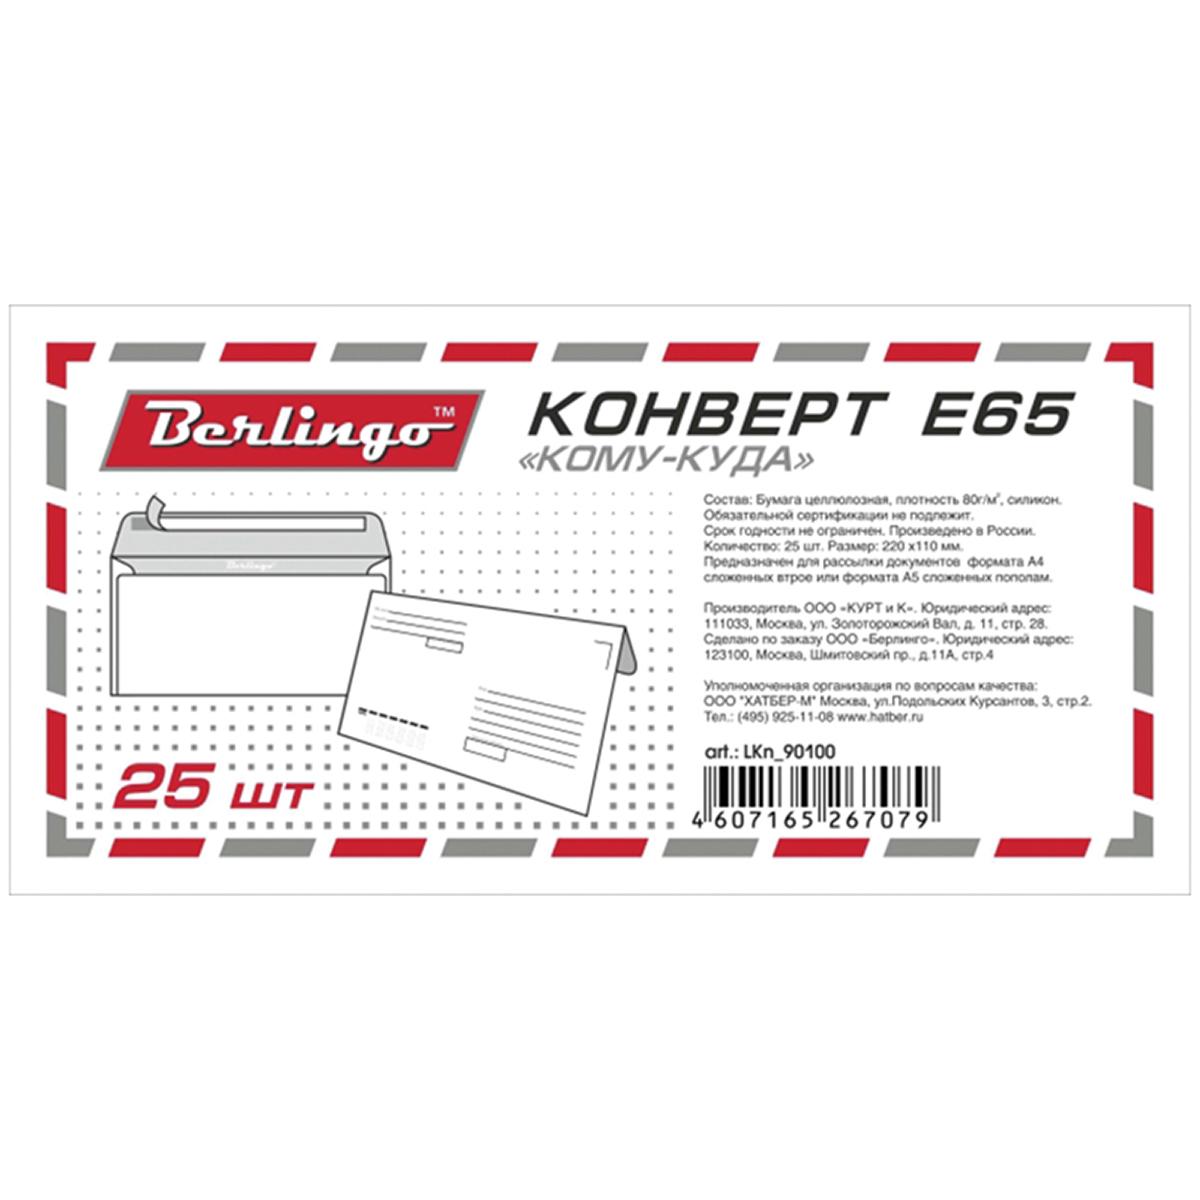 Конверт Berlingo E65 выполнен в евроформате размером 110 х 220 мм без окна, с подсказом и с внутренней запечаткой. Предназначен для вложения листов формата А4, сложенных втрое или А5, сложенных вдвое. Клапан конверта крепится с помощью отрывной силиконовой ленты.